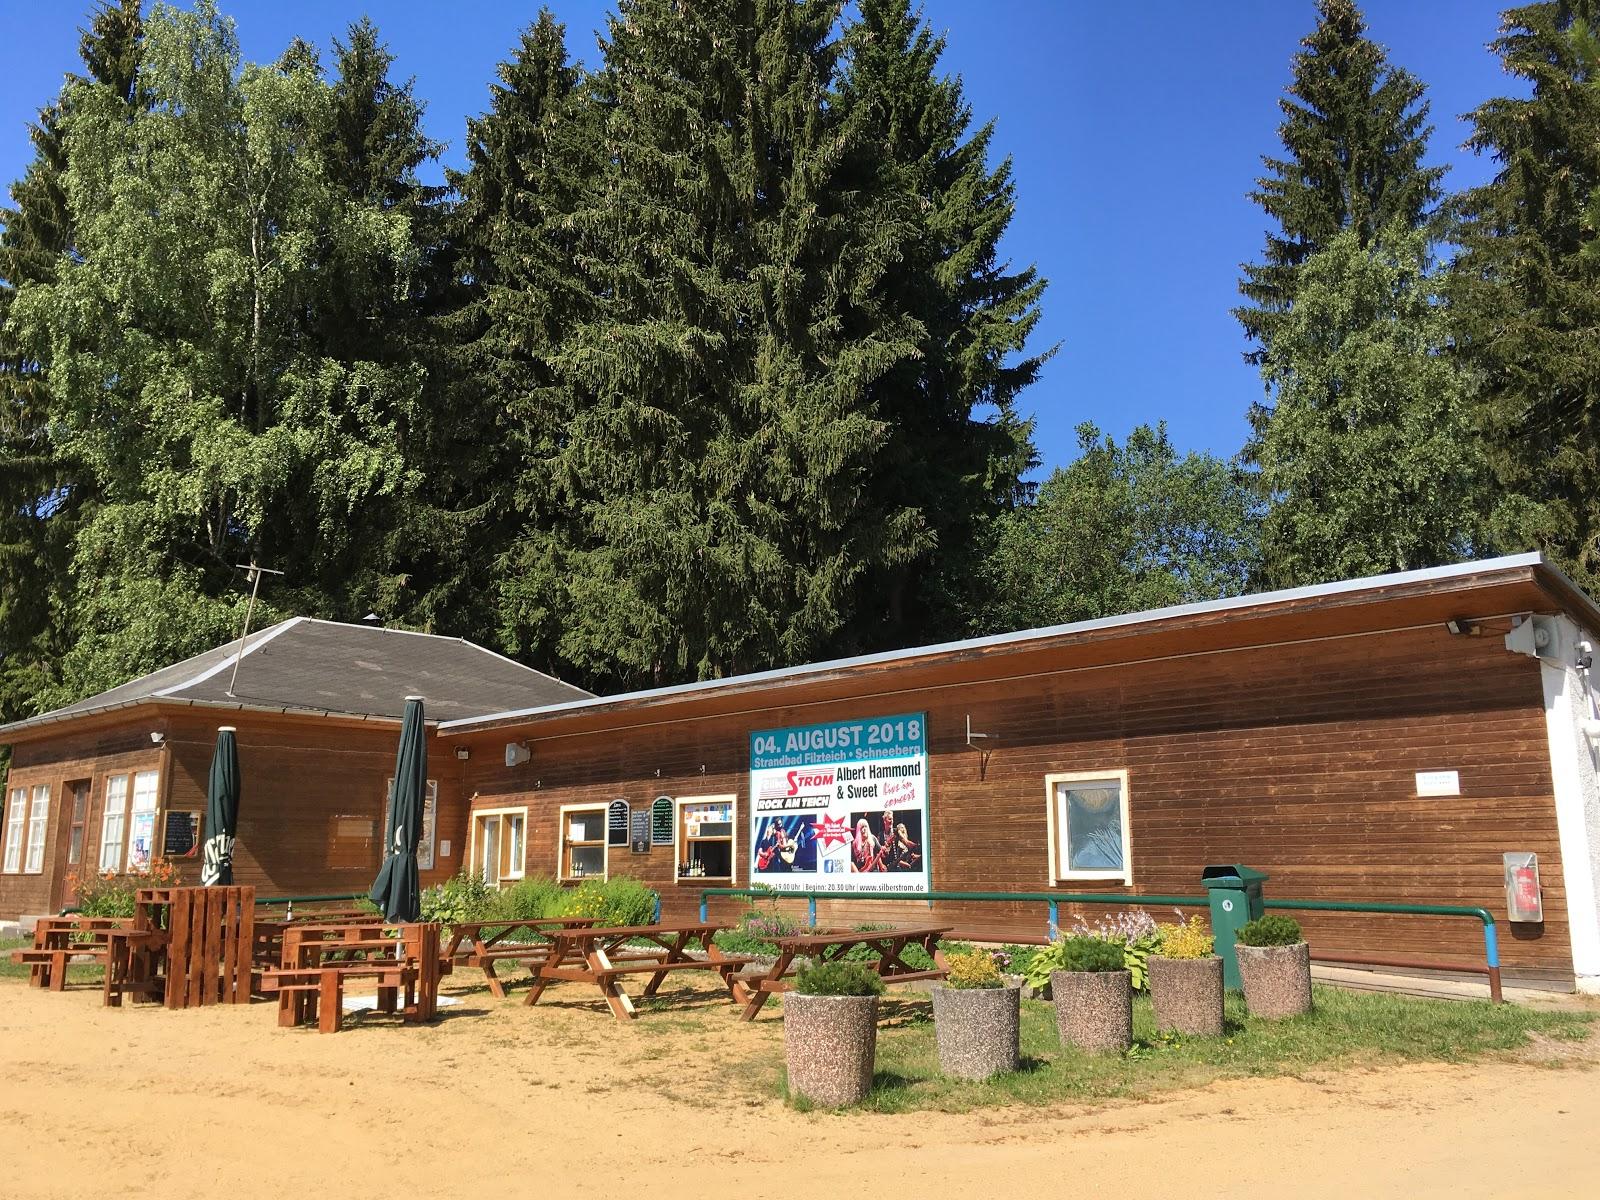 Anton-Günther-Hütte Map - Zwickau, Germany - Mapcarta